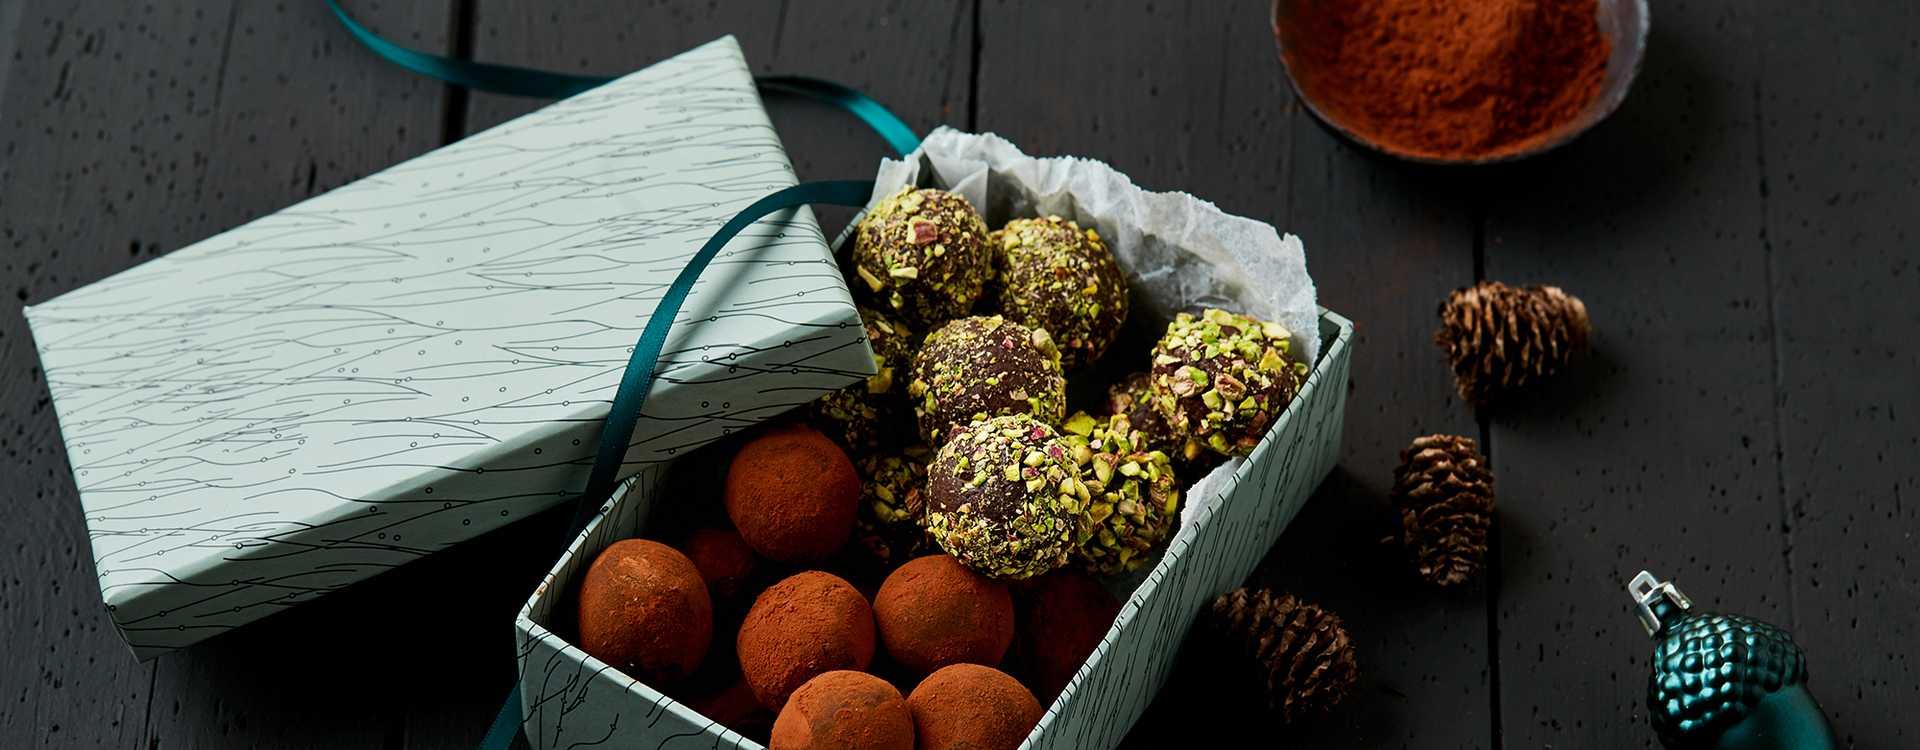 Sjokoladetrøfler med rosmarin og honning